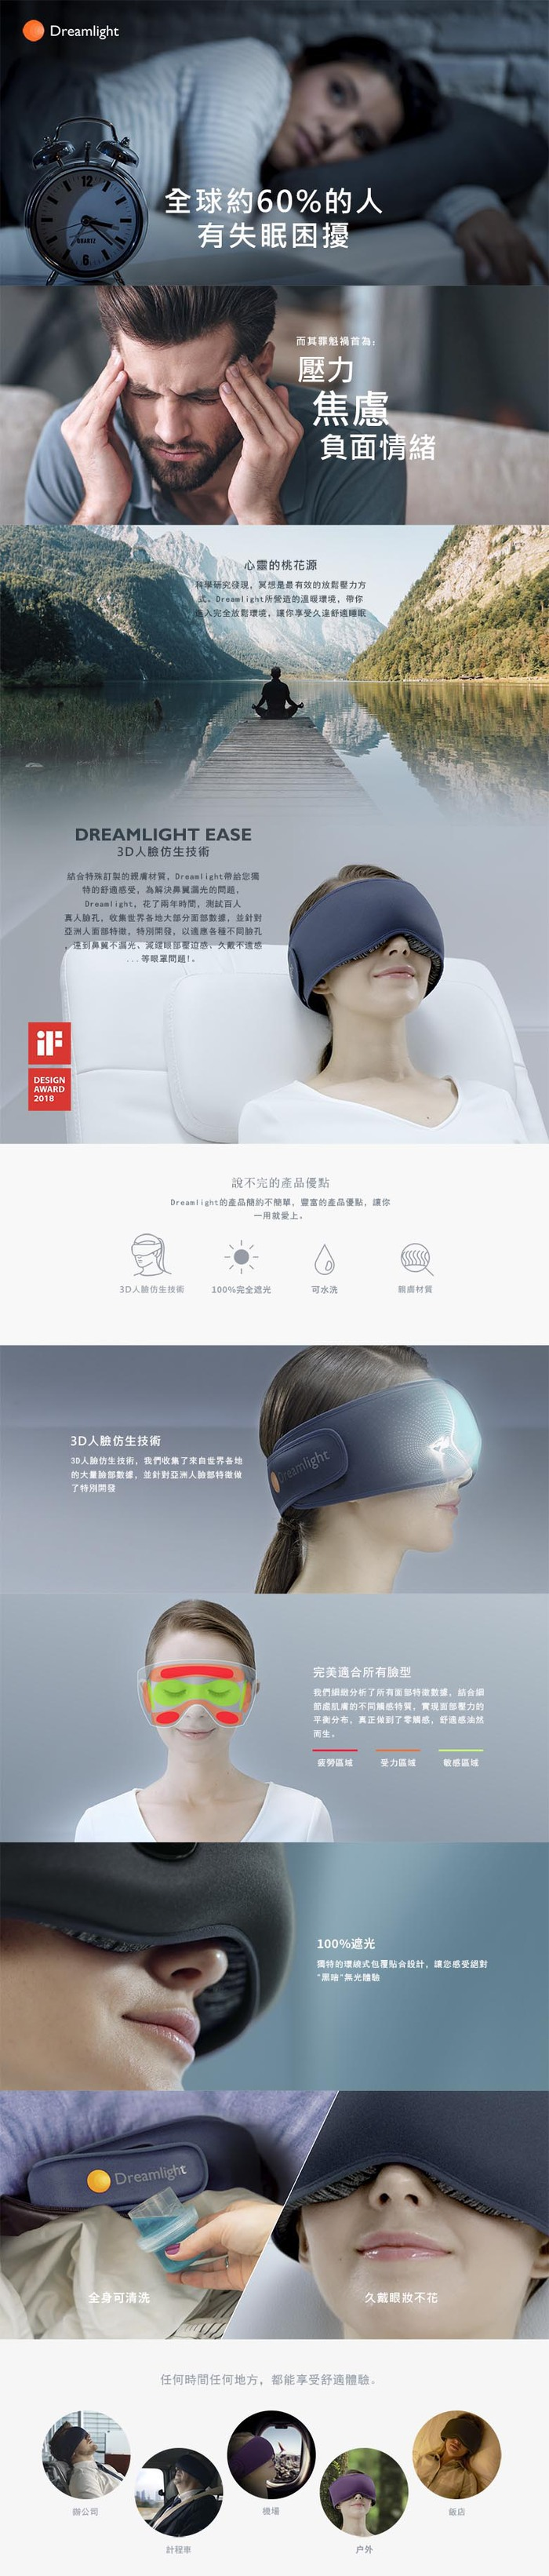 【集購】美國Dreamlight |HEAT 石墨烯溫感加熱智能眼罩